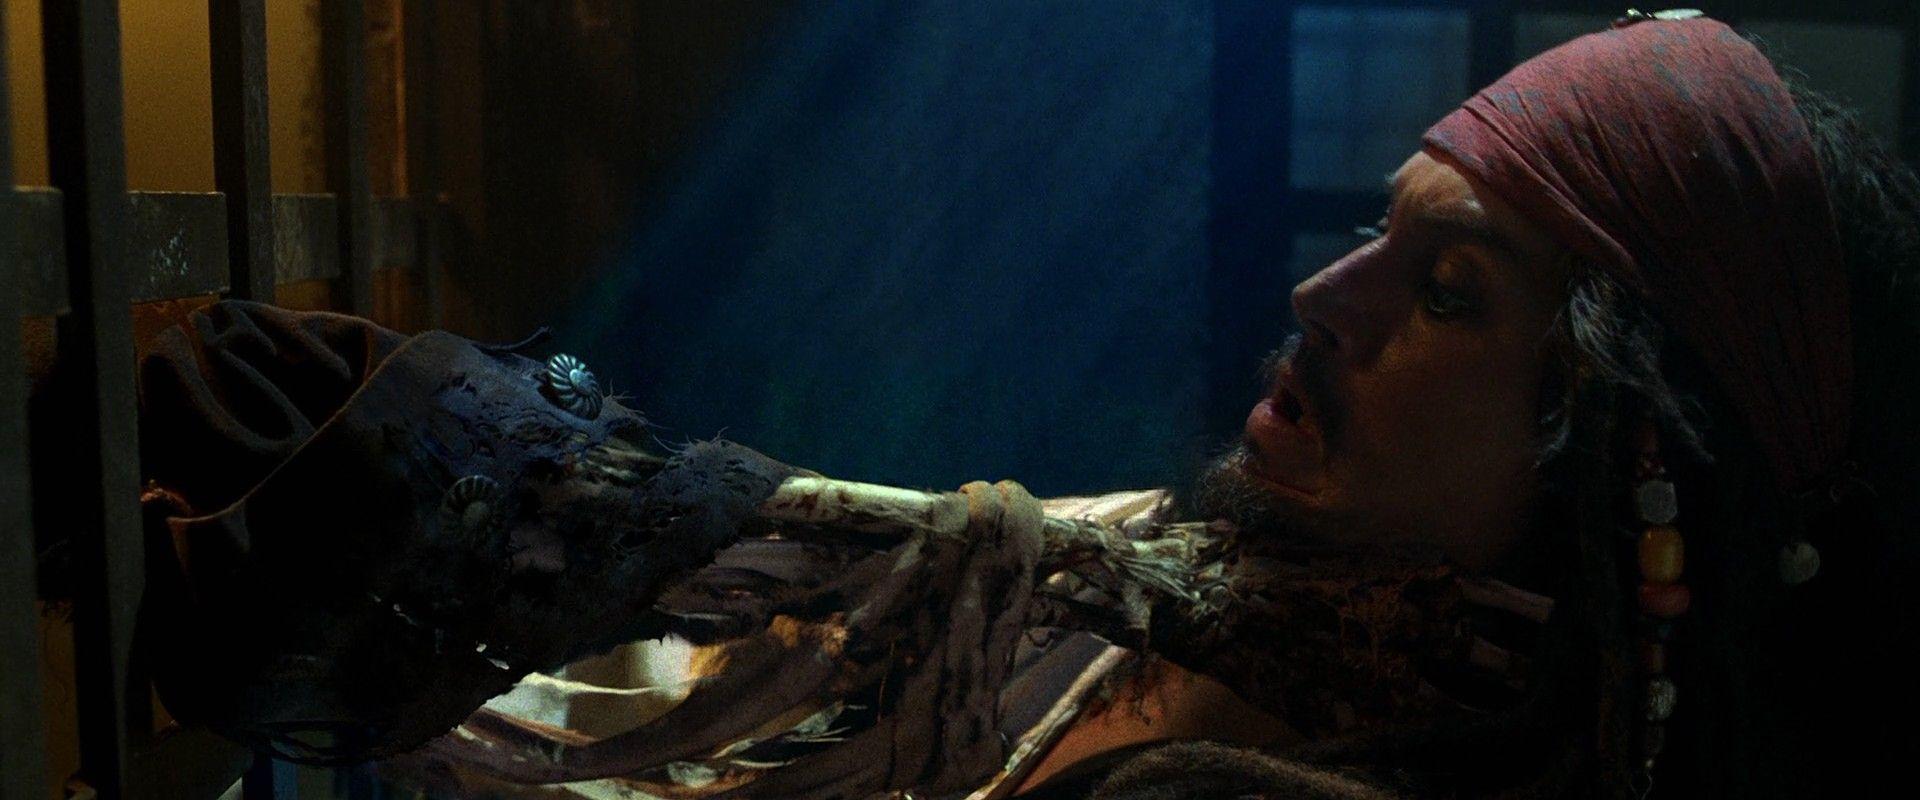 ¿Para el ritual de la primera película es necesario verter toda la sangre?